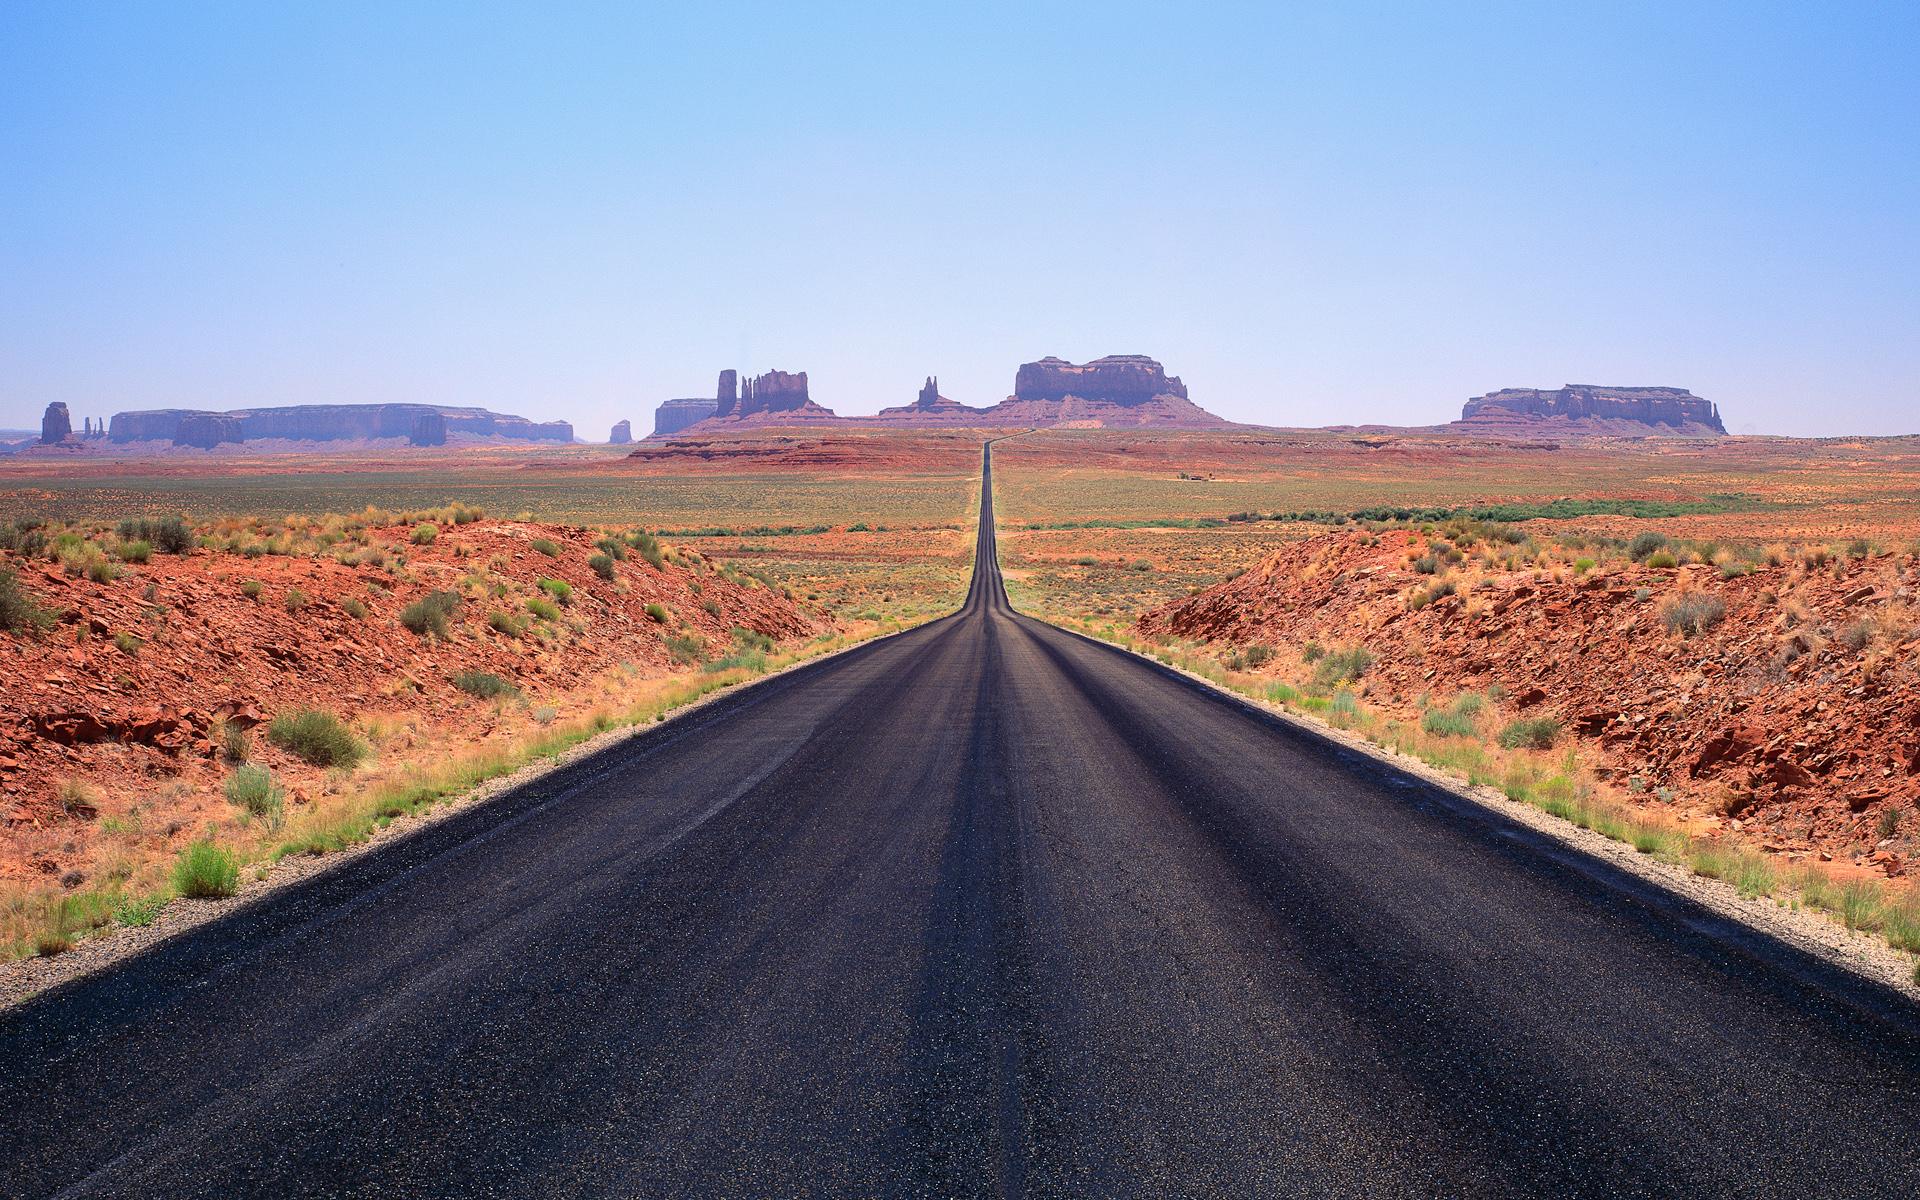 дорога горизонт даль горы  № 3816595 загрузить